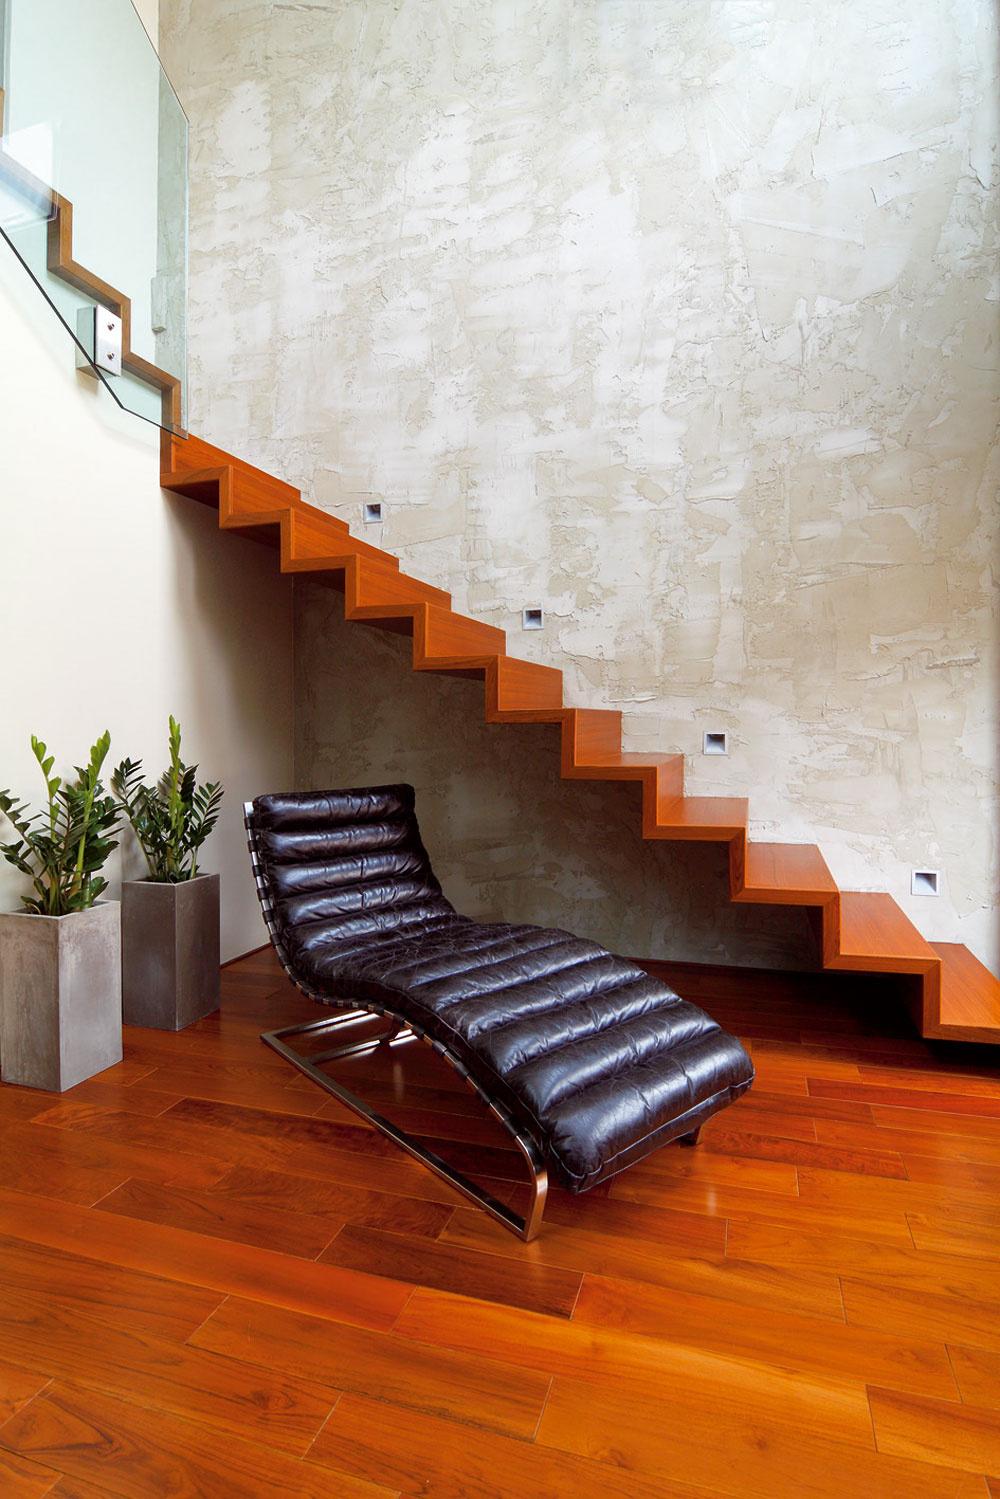 """Pekne vydarené zátišie, v ktorom hlavnú úlohu hrá dizajnový kožený diván, ľahučká konštrukcia schodiska a továrensky """"rozleptaná """" stena."""